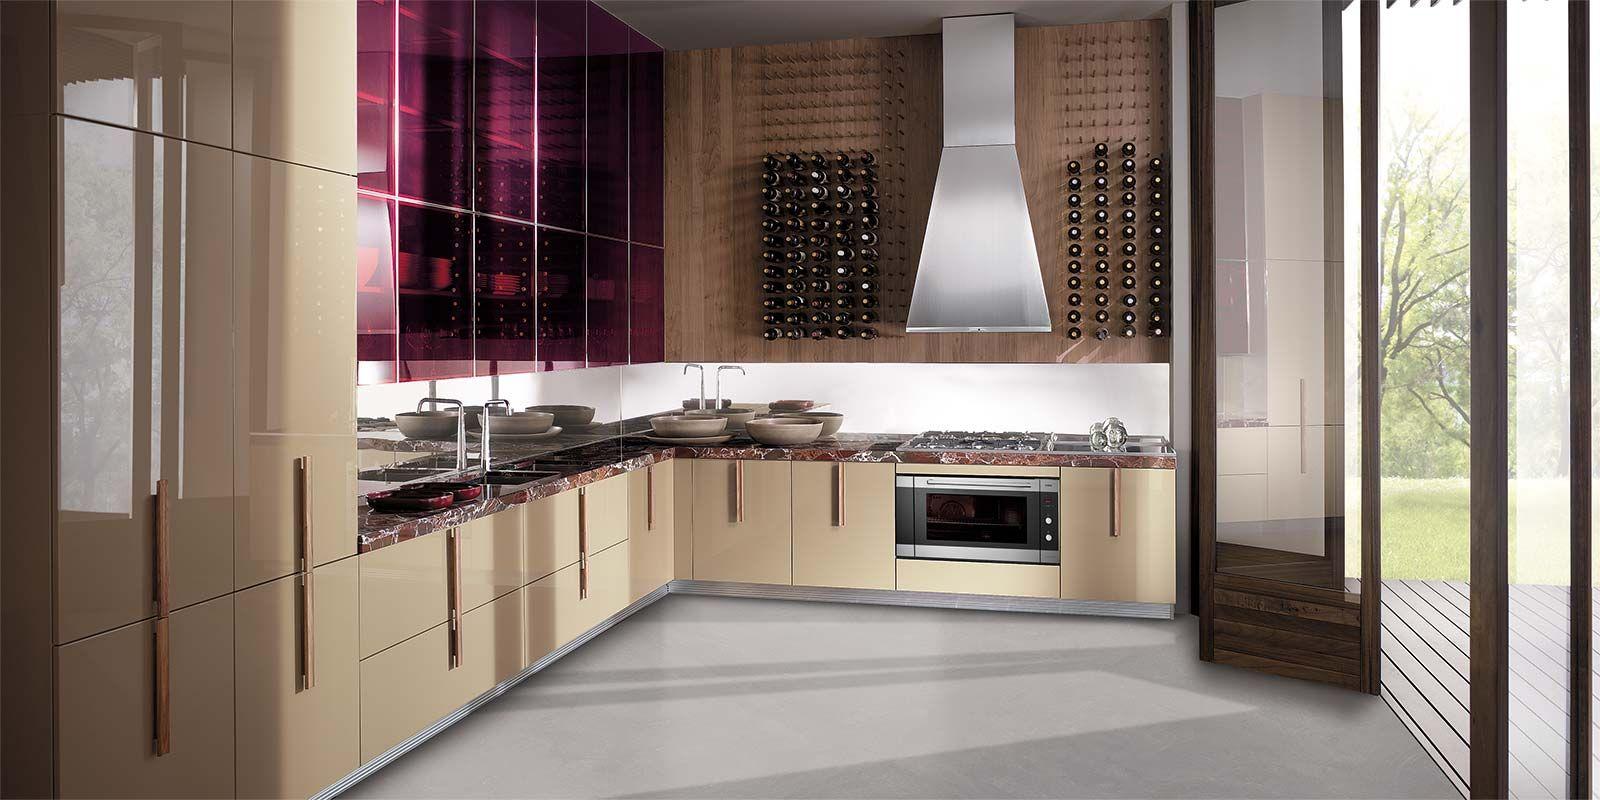 Superb Cucine Barrique   Cucine Moderne Di Design   Ernestomeda Www.magnicasa.it |  Ernestomeda | Pinterest | Kitchens And Modern Pictures